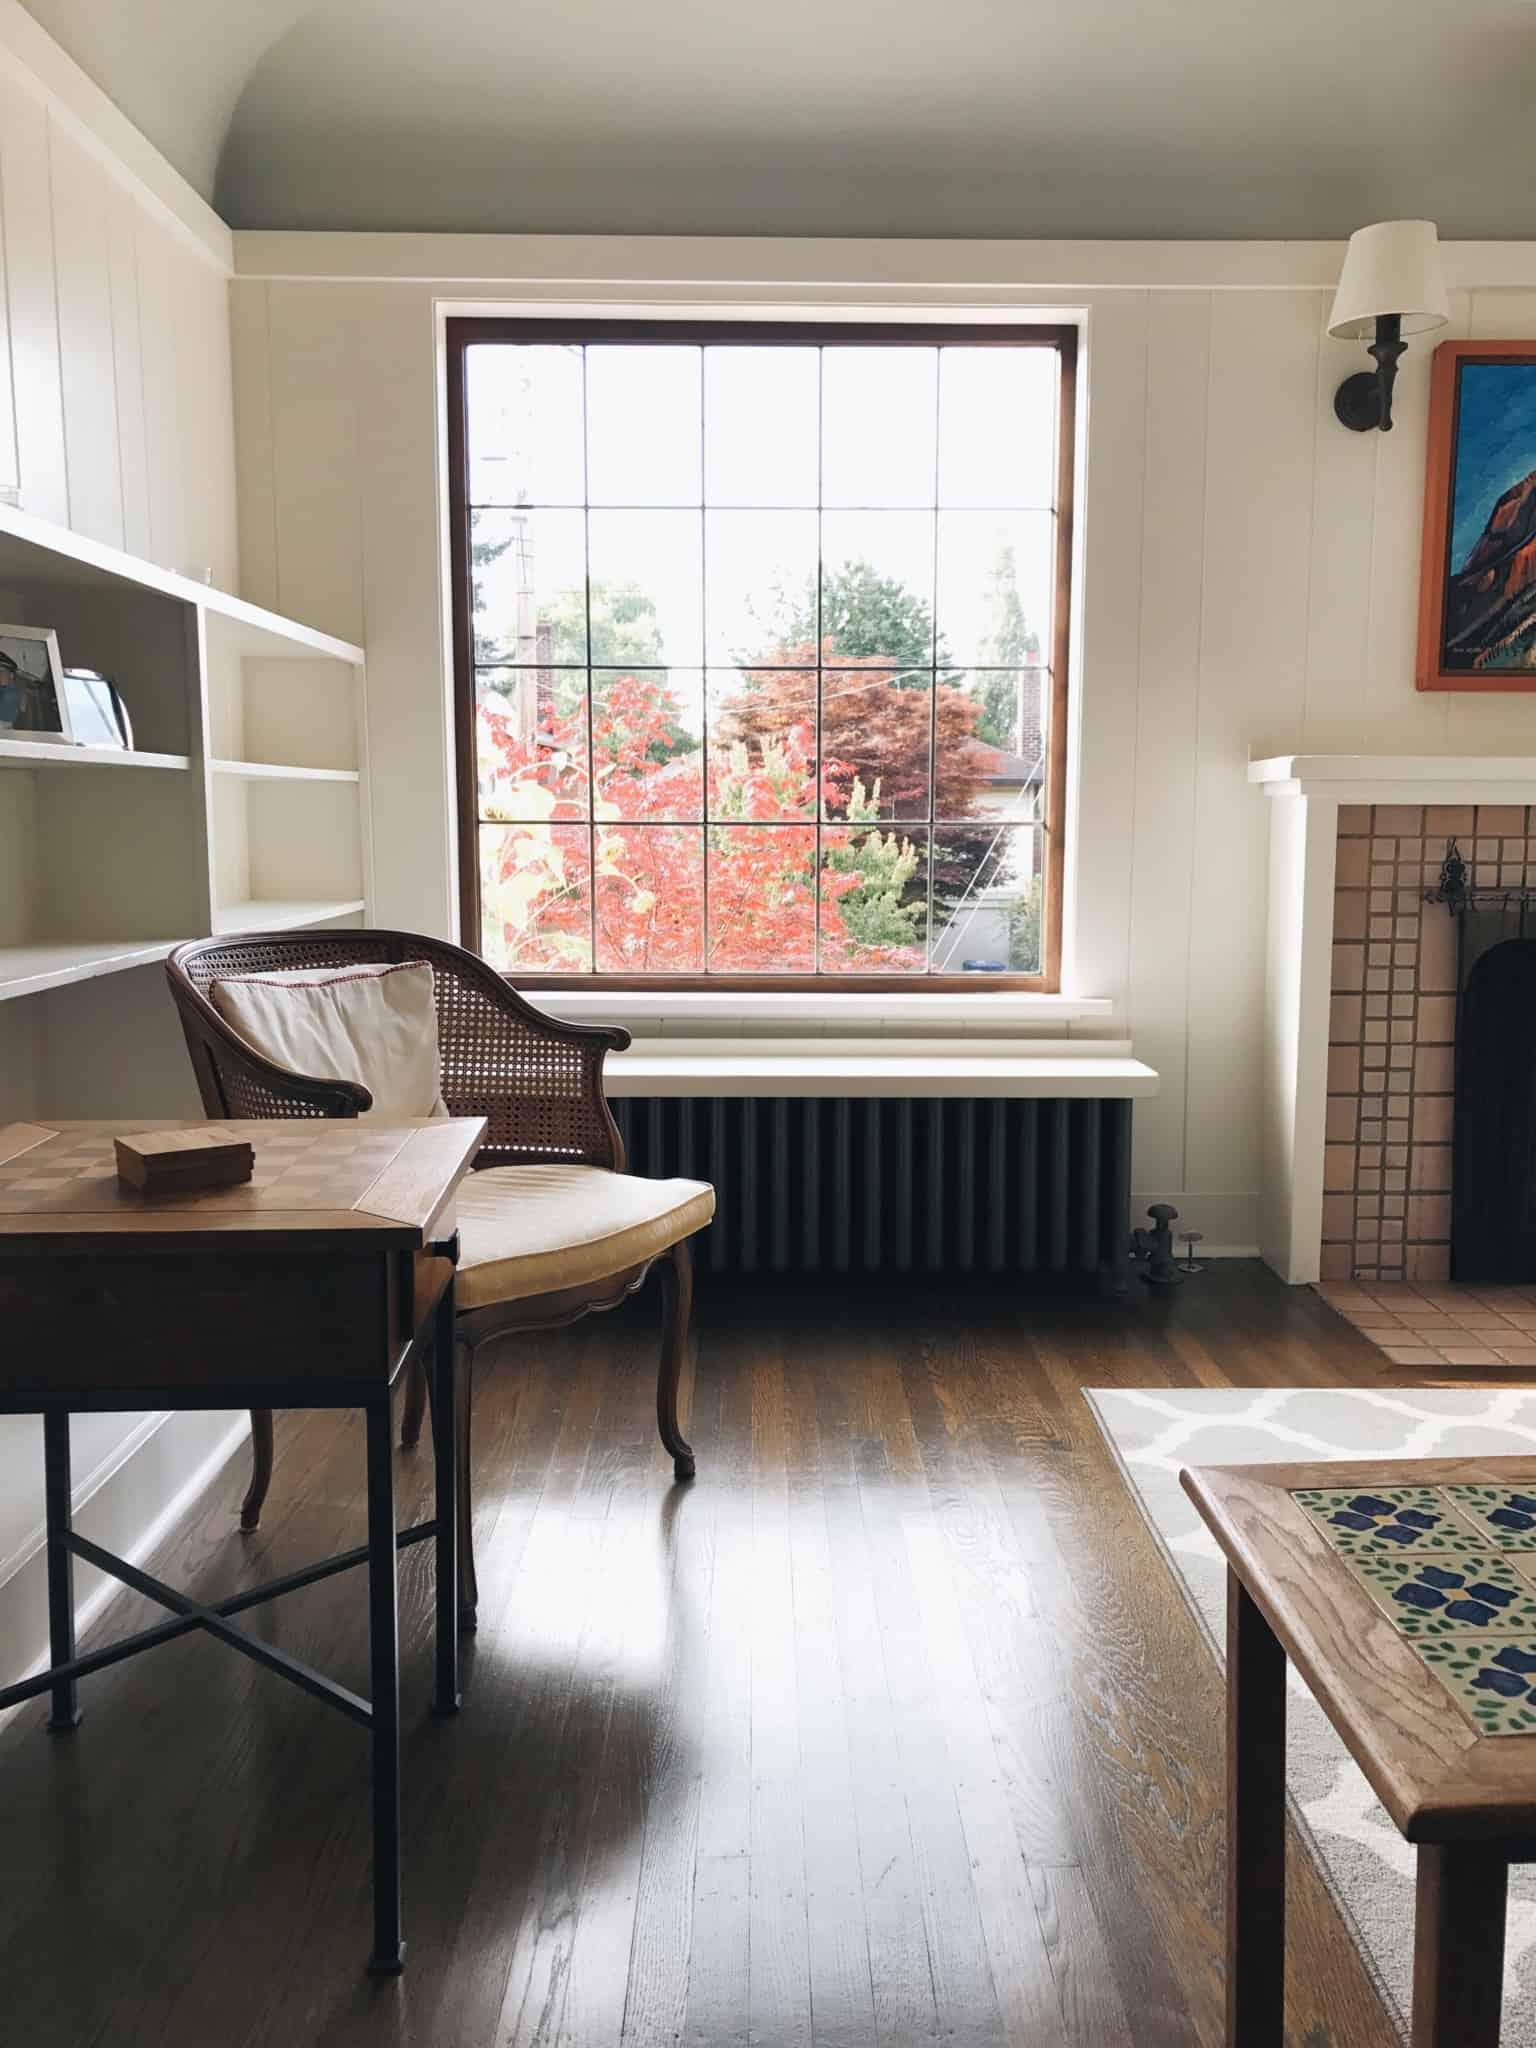 alojamento local com janela cadeira e mesa de madeira